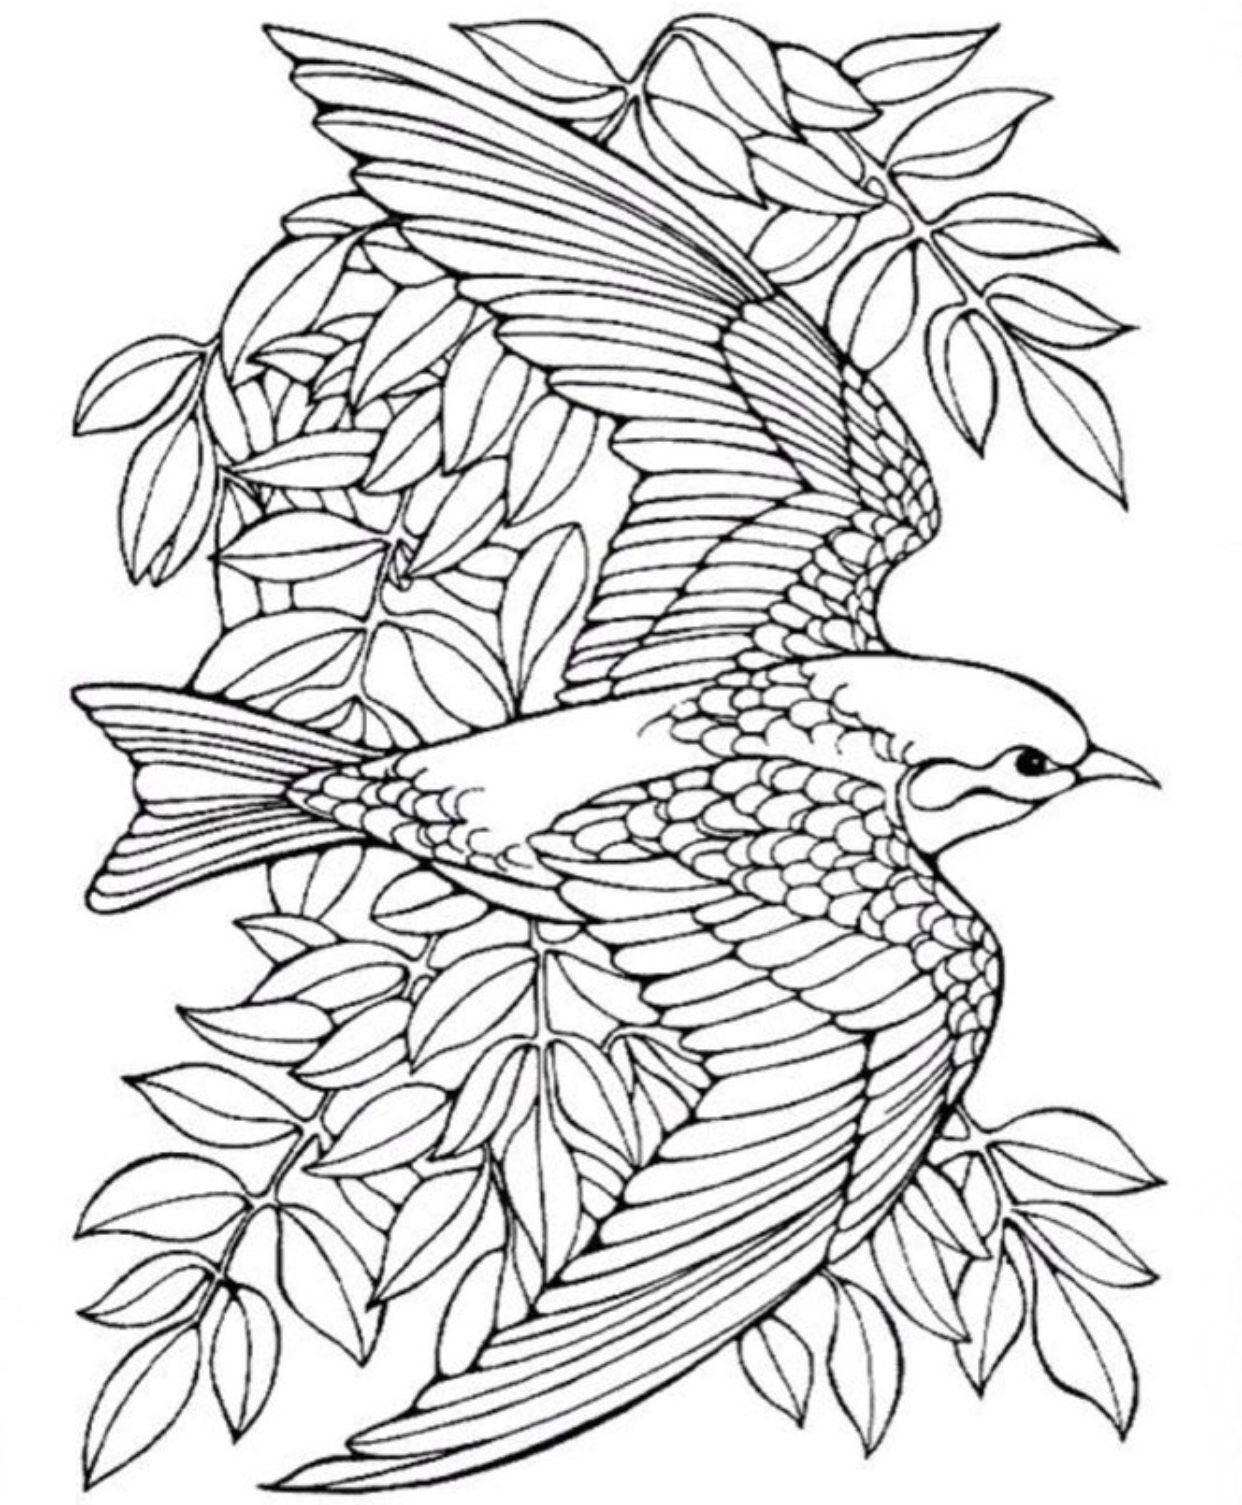 Pin By Mandie Schroeder On Art Bird Coloring Pages Mandala Coloring Pages Animal Coloring Pages